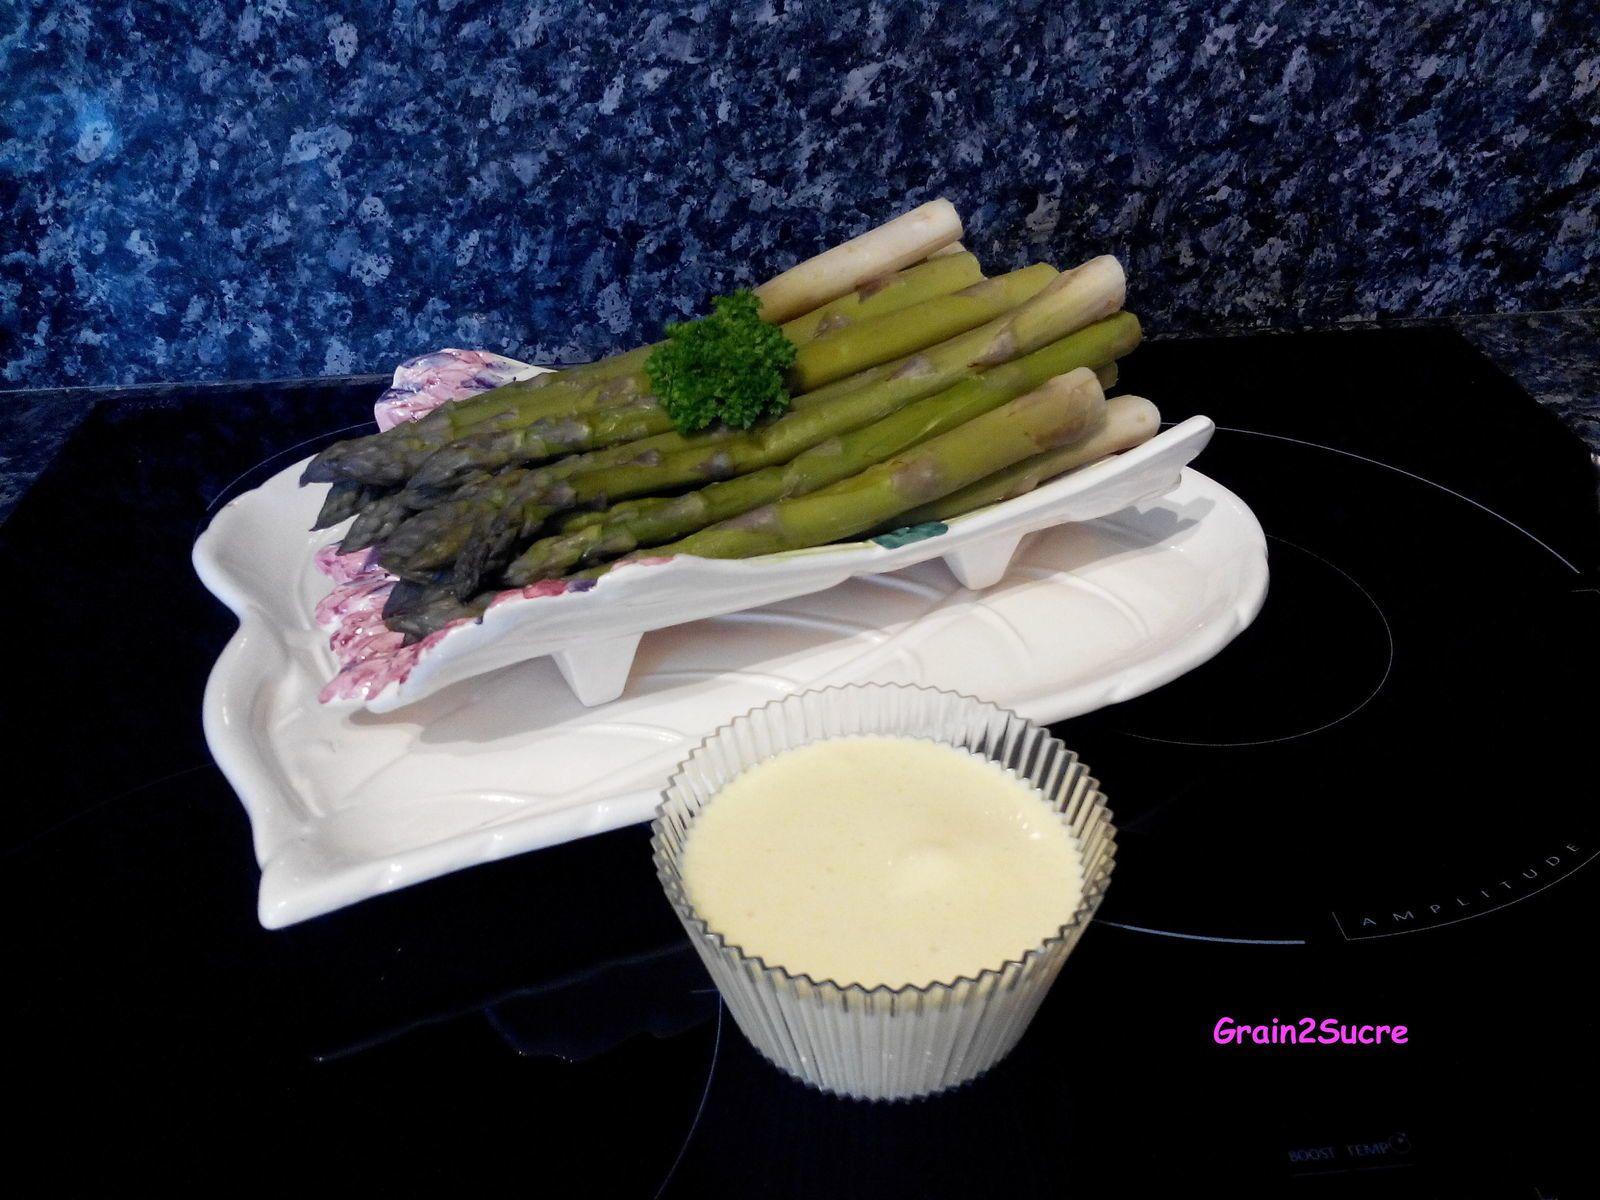 Grain2Sucre. Recette Asperges sauce mousseline, asperges, œuf, huile, moutarde, sel poivre, citron